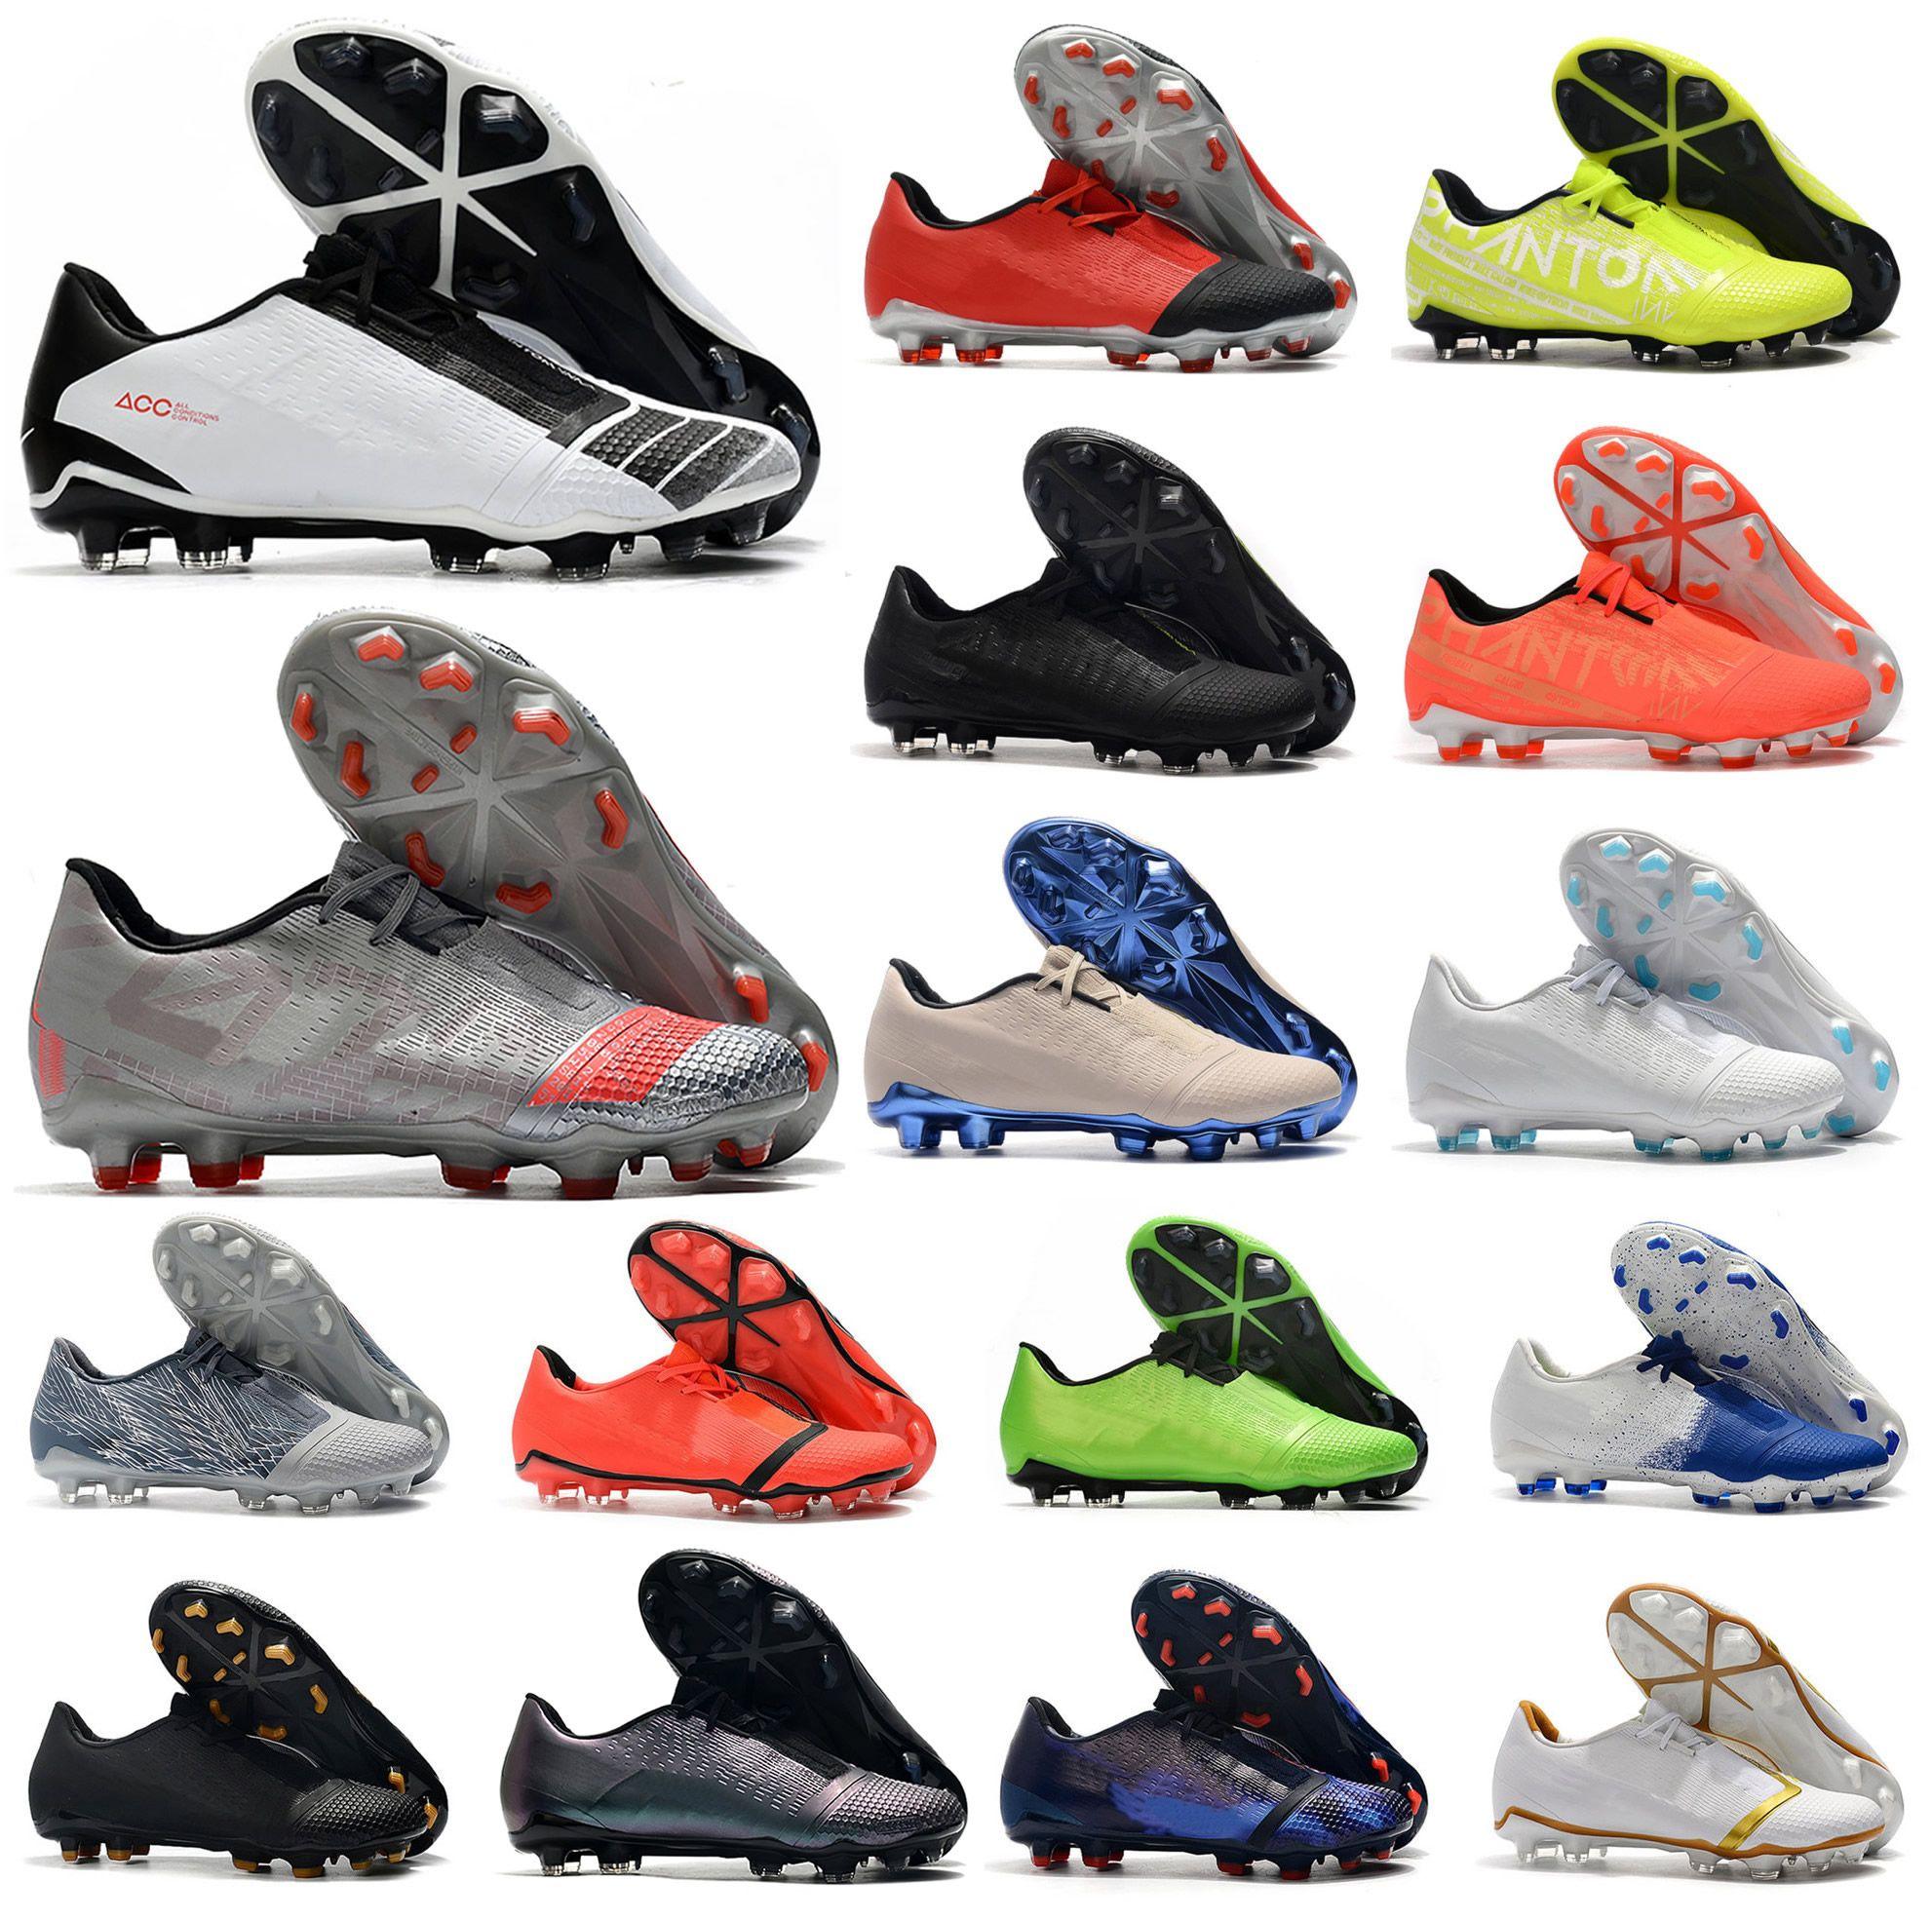 2020 أحذية رجالية فانتوم السم VNM النخبة FG الجوار حزمة المستقبل DNA لكرة القدم أحذية كرة القدم المرابط الحجم الولايات المتحدة 6،5 حتي 11